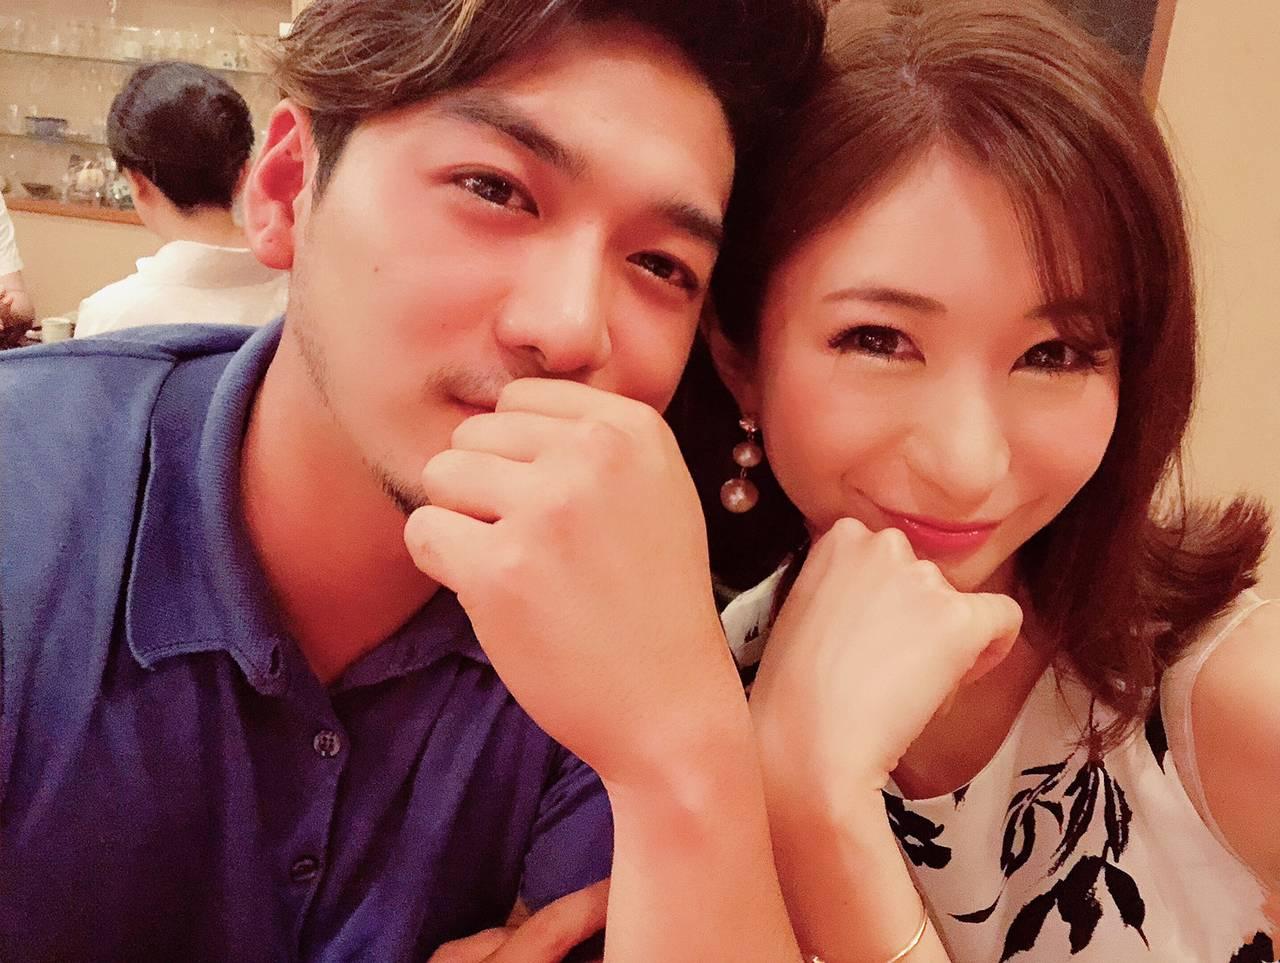 「『いきなりマリッジ2』お互いNG出してた相手だったんです。」中村江莉香 Influencer Girl